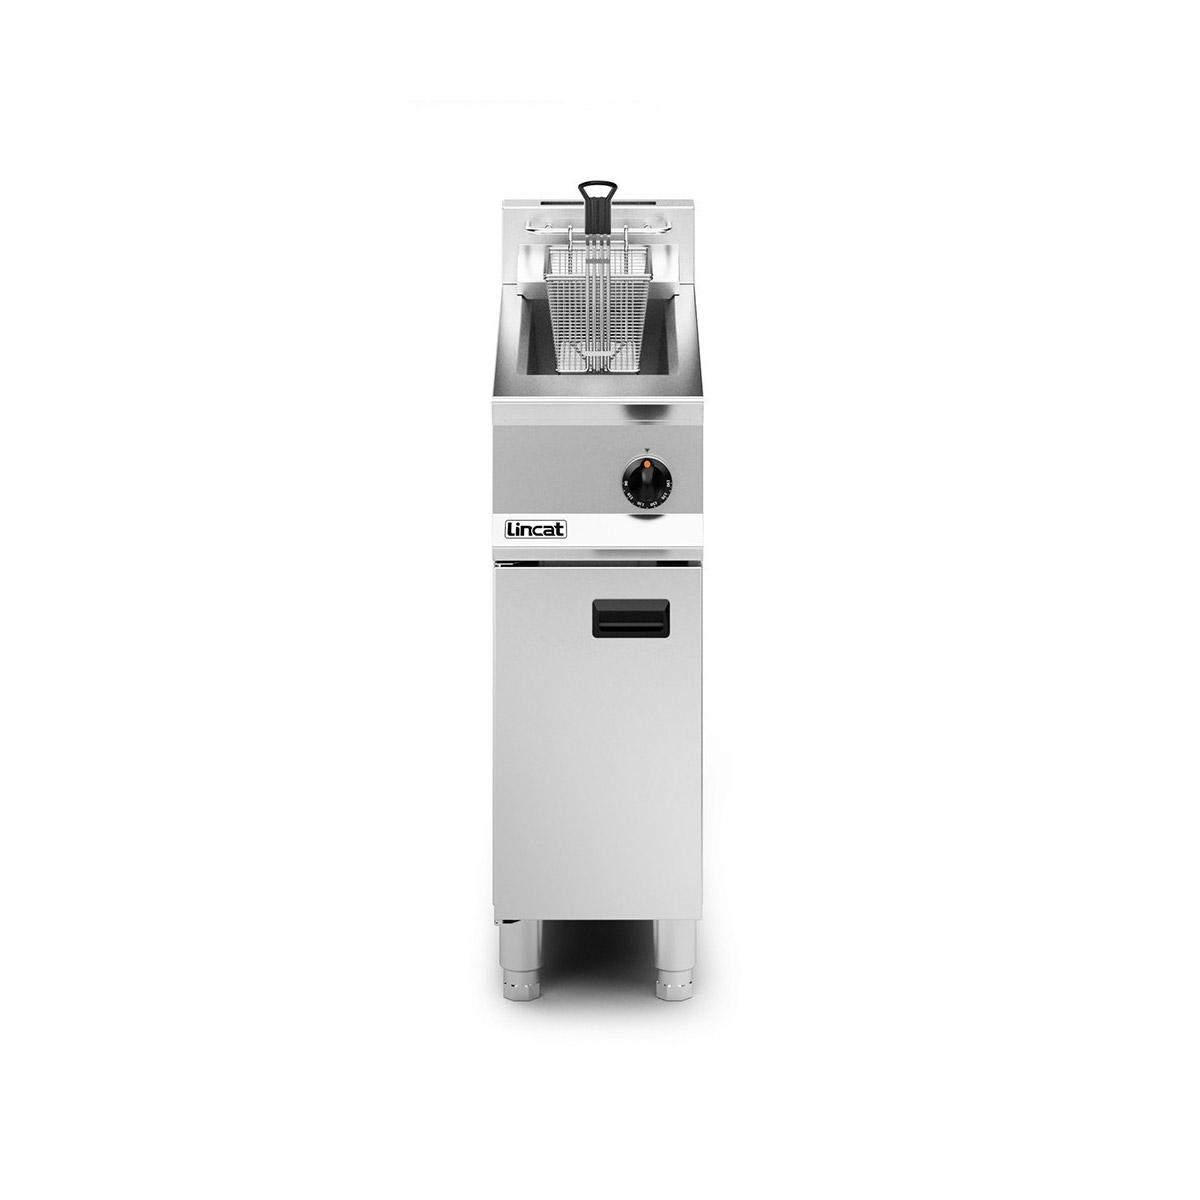 Lincat Opus 800 Gas Fryer Model: OG8110/P (Propane)